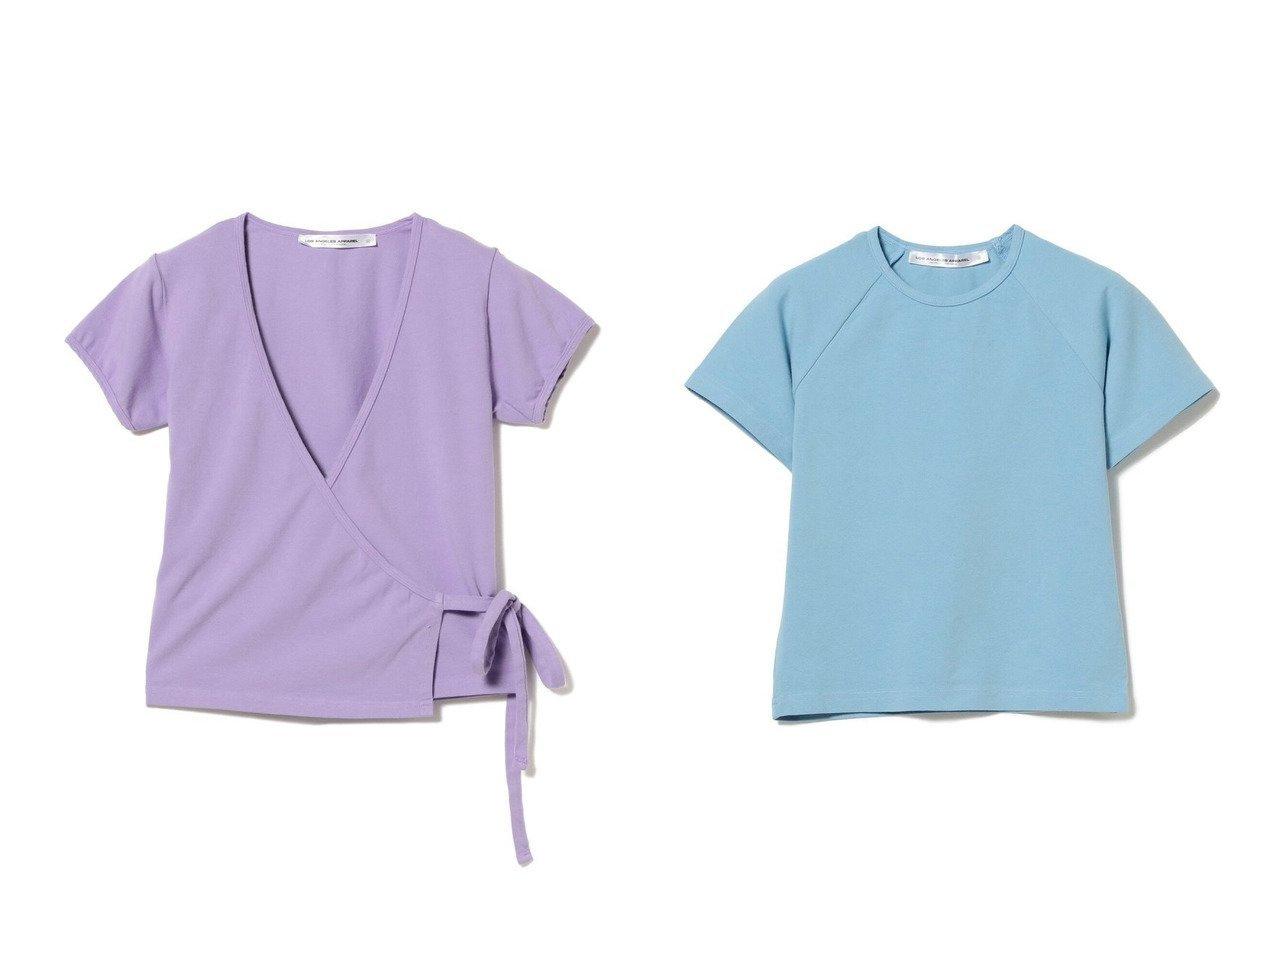 【Ray BEAMS/レイ ビームス】の別注 Raglan T-Shirt&別注 Cache coeur T-Shirt 別注・限定・コラボなど、おすすめ!人気、トレンド・レディースファッションの通販 おすすめで人気の流行・トレンド、ファッションの通販商品 インテリア・家具・メンズファッション・キッズファッション・レディースファッション・服の通販 founy(ファニー) https://founy.com/ ファッション Fashion レディースファッション WOMEN トップス・カットソー Tops/Tshirt シャツ/ブラウス Shirts/Blouses ロング / Tシャツ T-Shirts カットソー Cut and Sewn カットソー ベーシック 別注 夏 Summer |ID:crp329100000061023